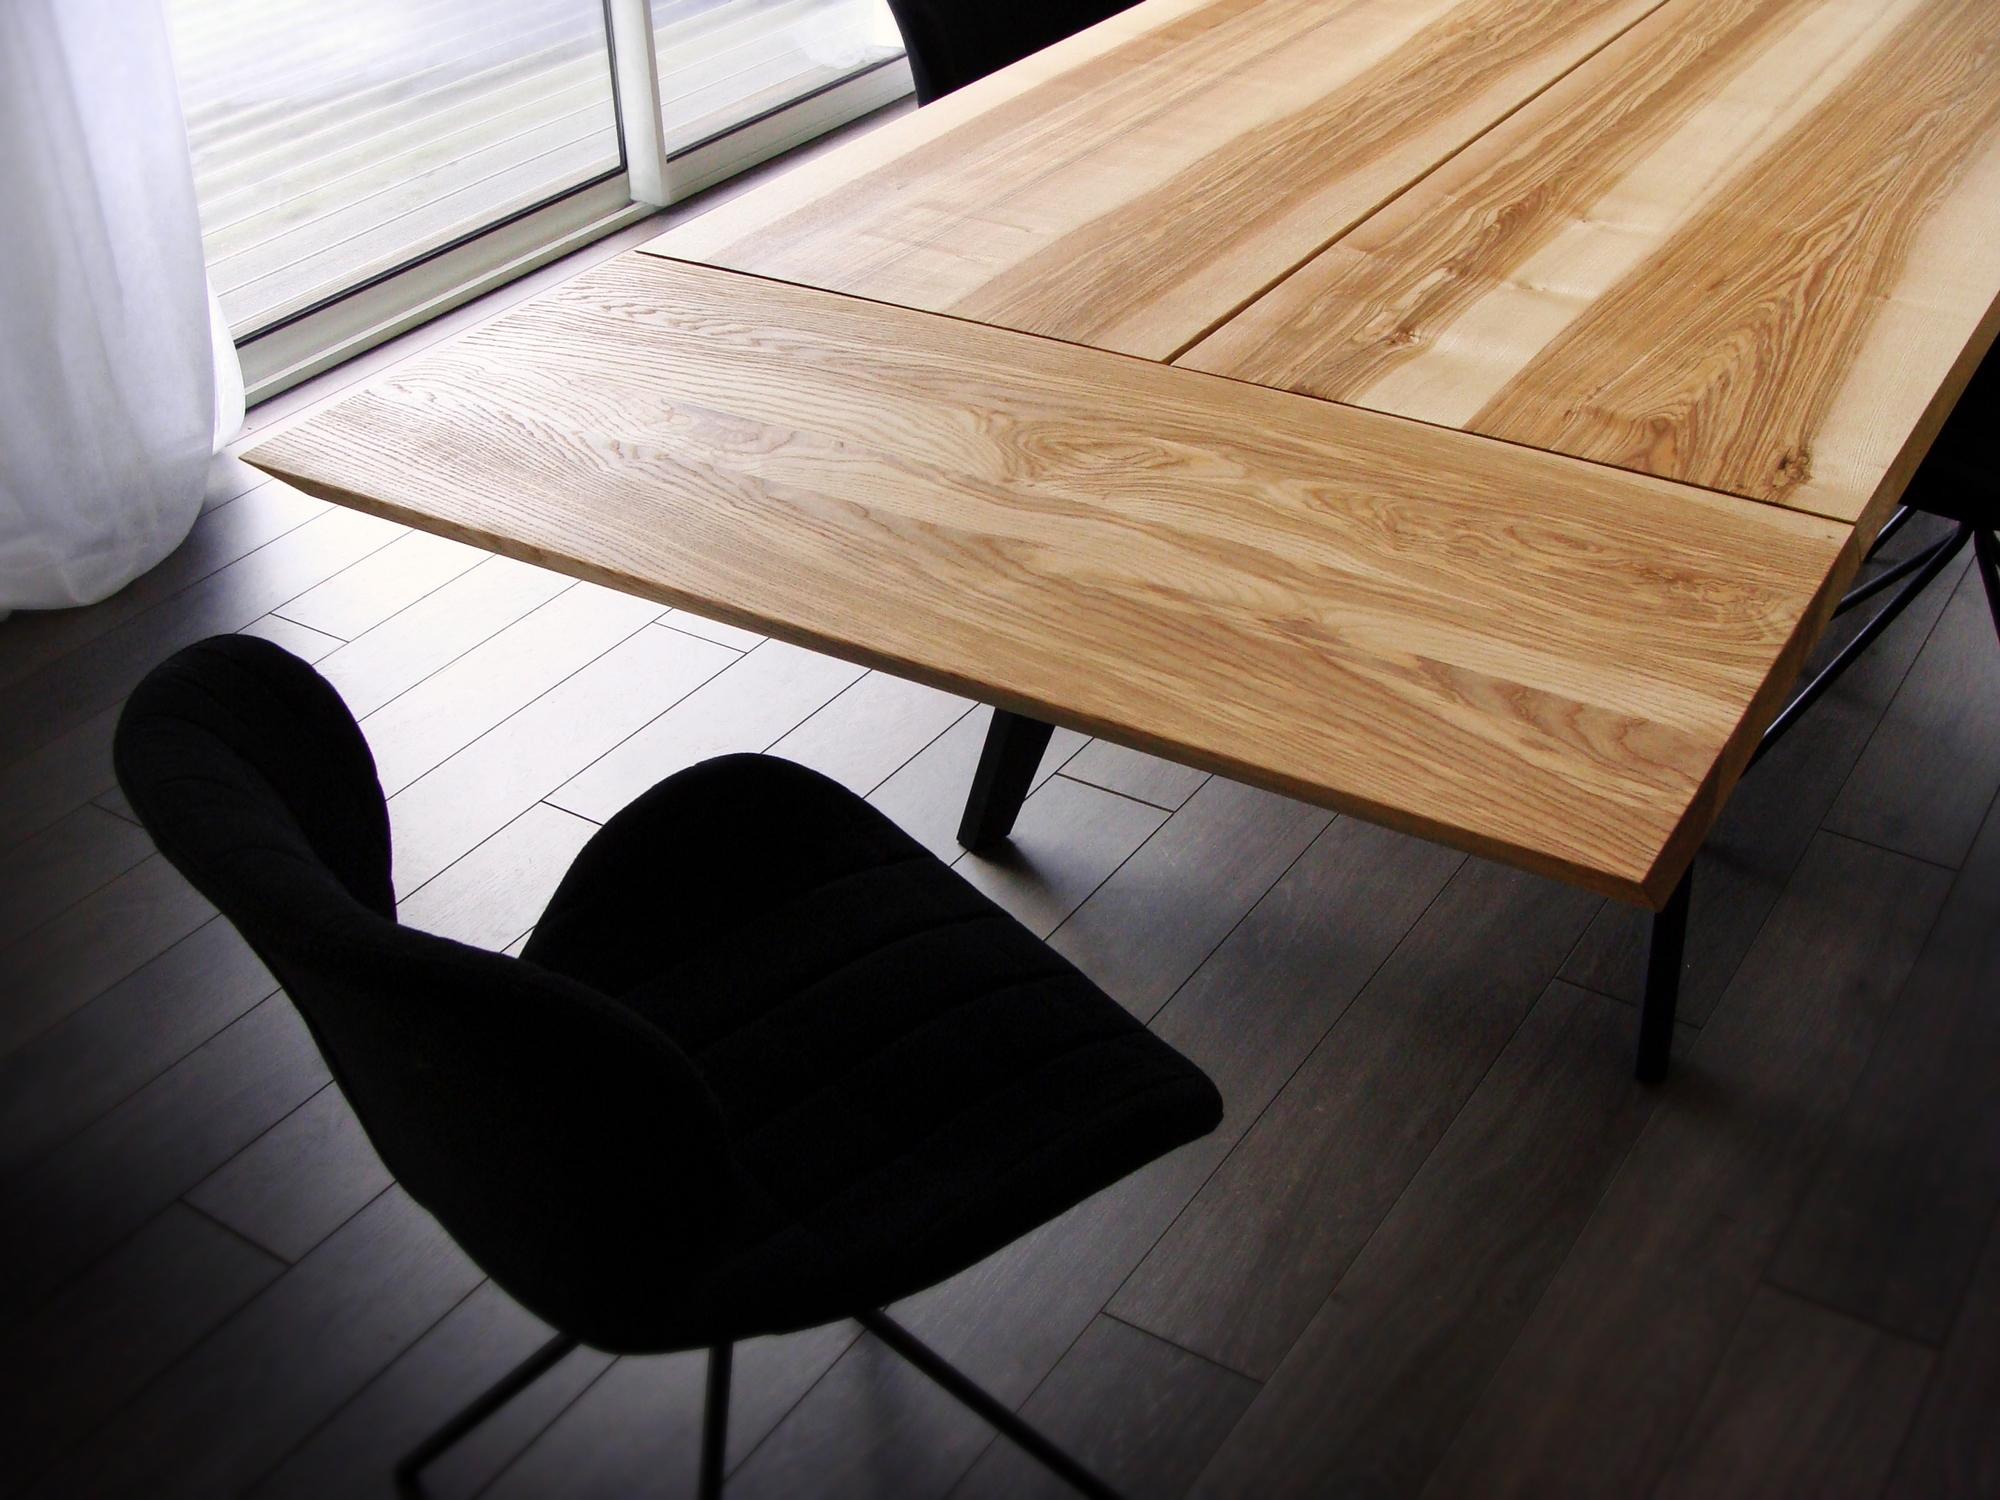 Comment Fonctionnent Les Allonges De Nos Tables Artmeta